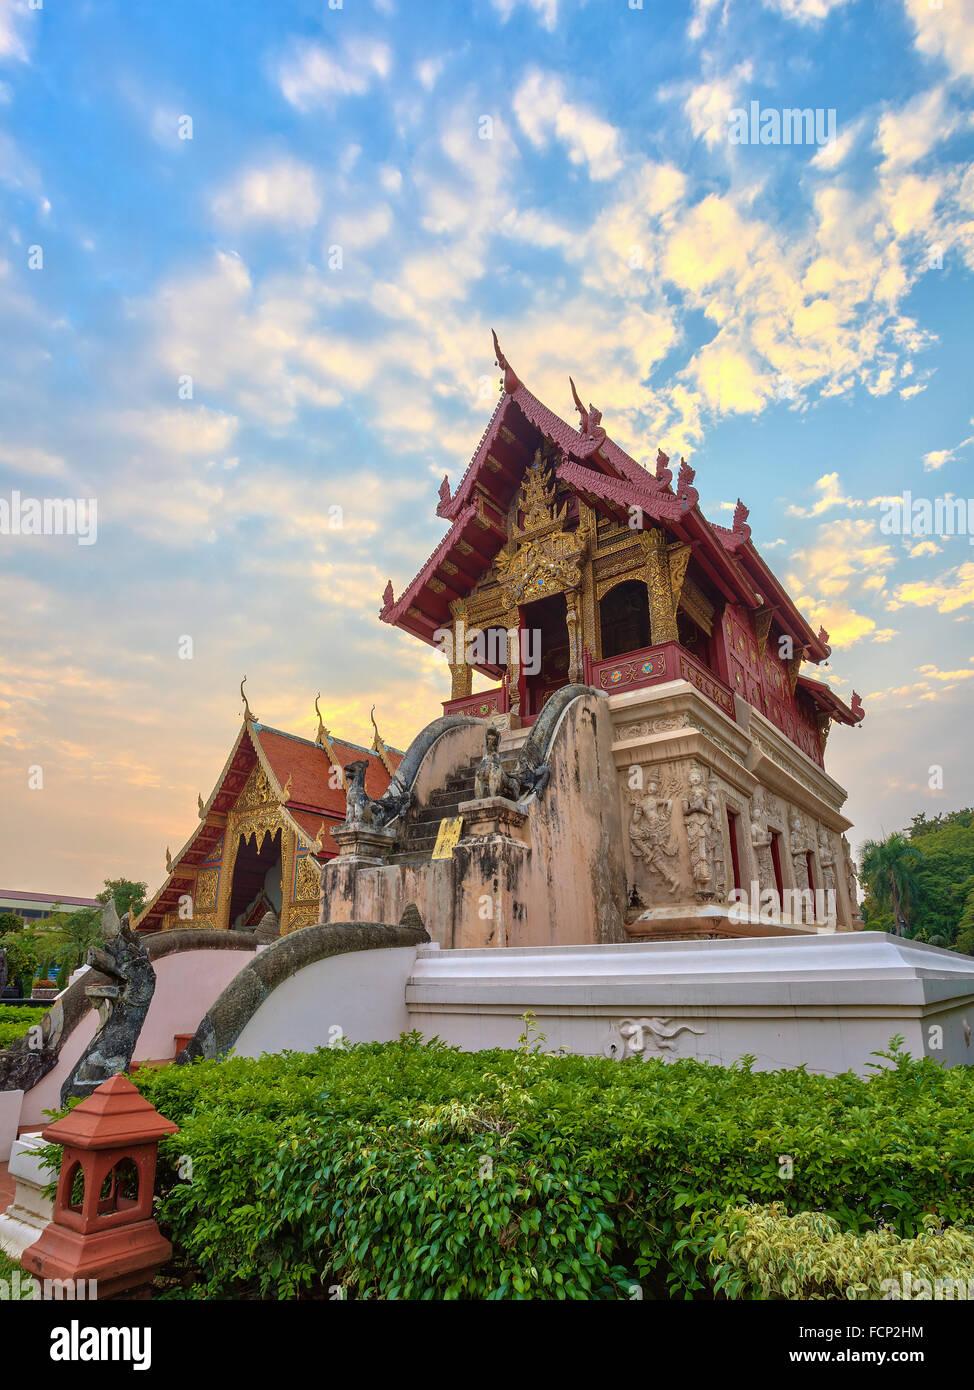 Wat Phra Singh at Chiang mai , Thailand Stock Photo